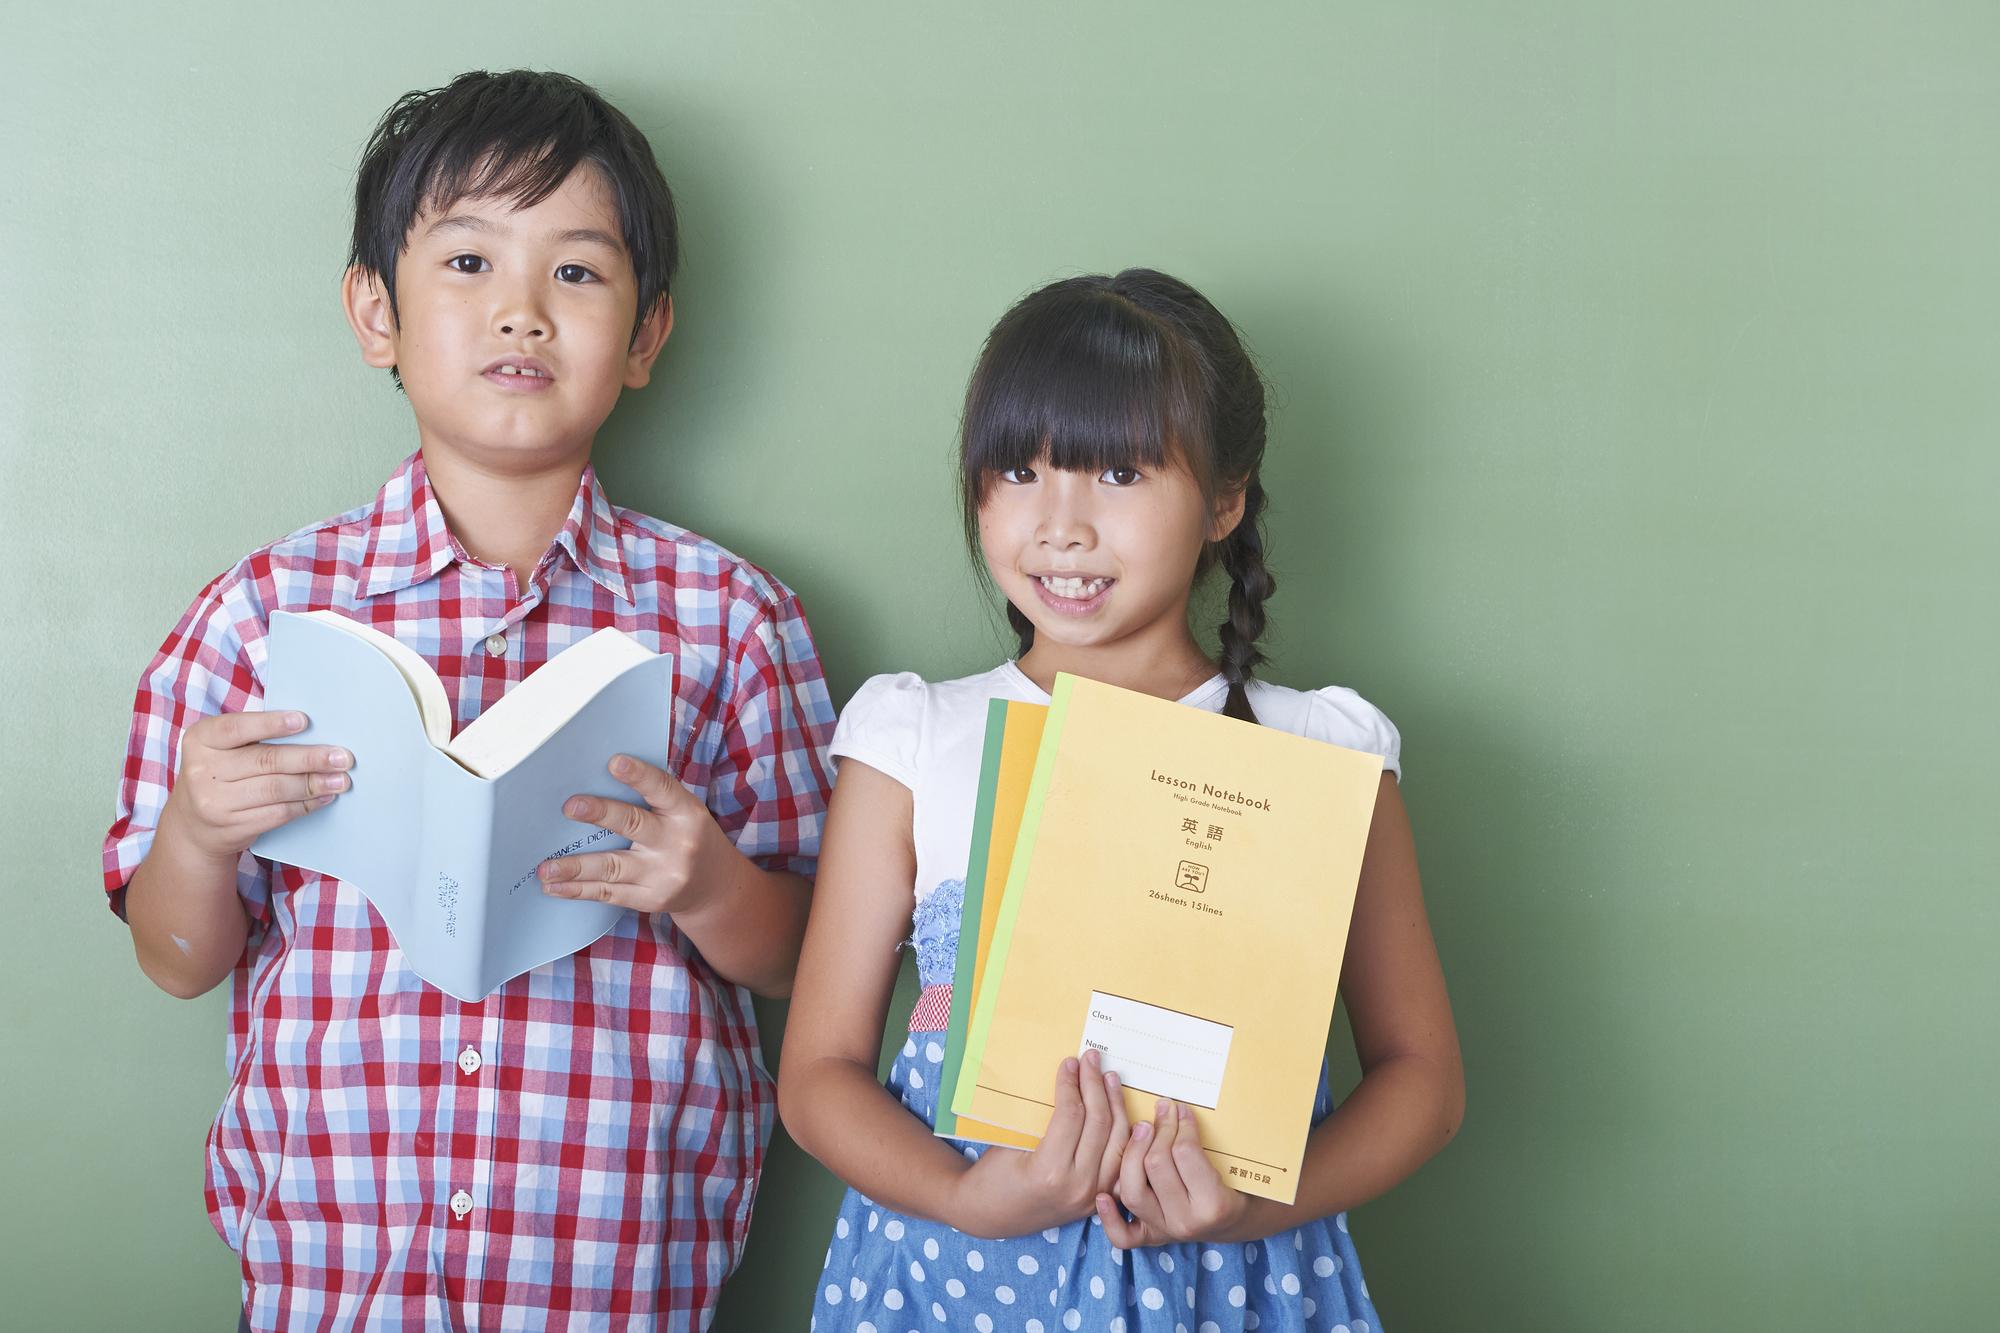 英語を学ぶ男の子と女の子